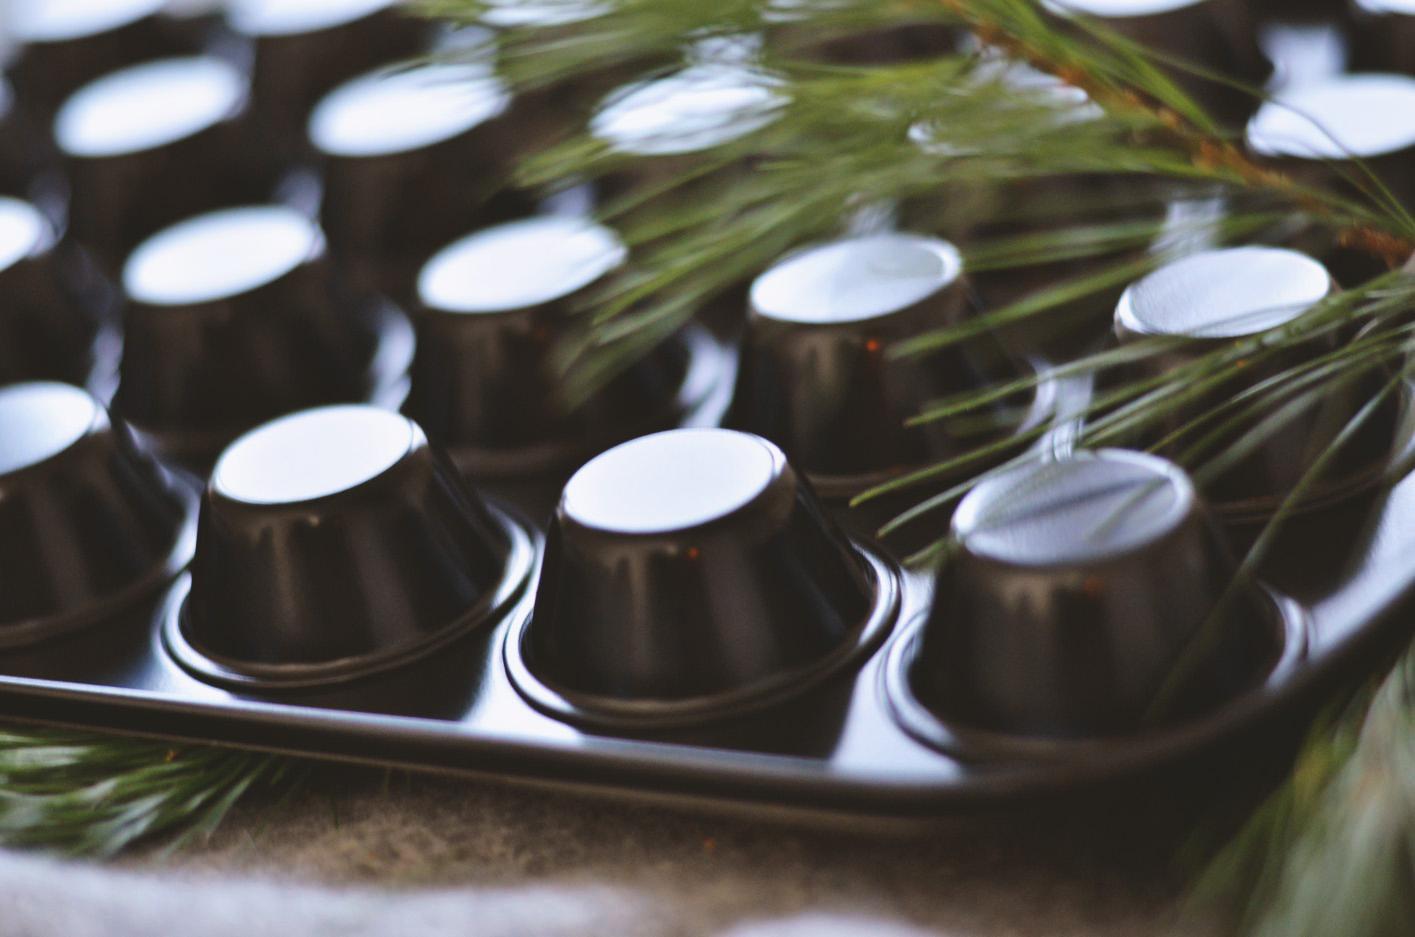 Beim Event zu Mumm's Finest waren unsere Mini-Muffins der Hit. Du kannst sie mit der antihaftbeschichteten Form schon bald selbst nachbacken. In der 24er-Form verkürzt sich die Backzeit auf circa zehn Minuten. Das beste Rezept dazu, gibt's hier.